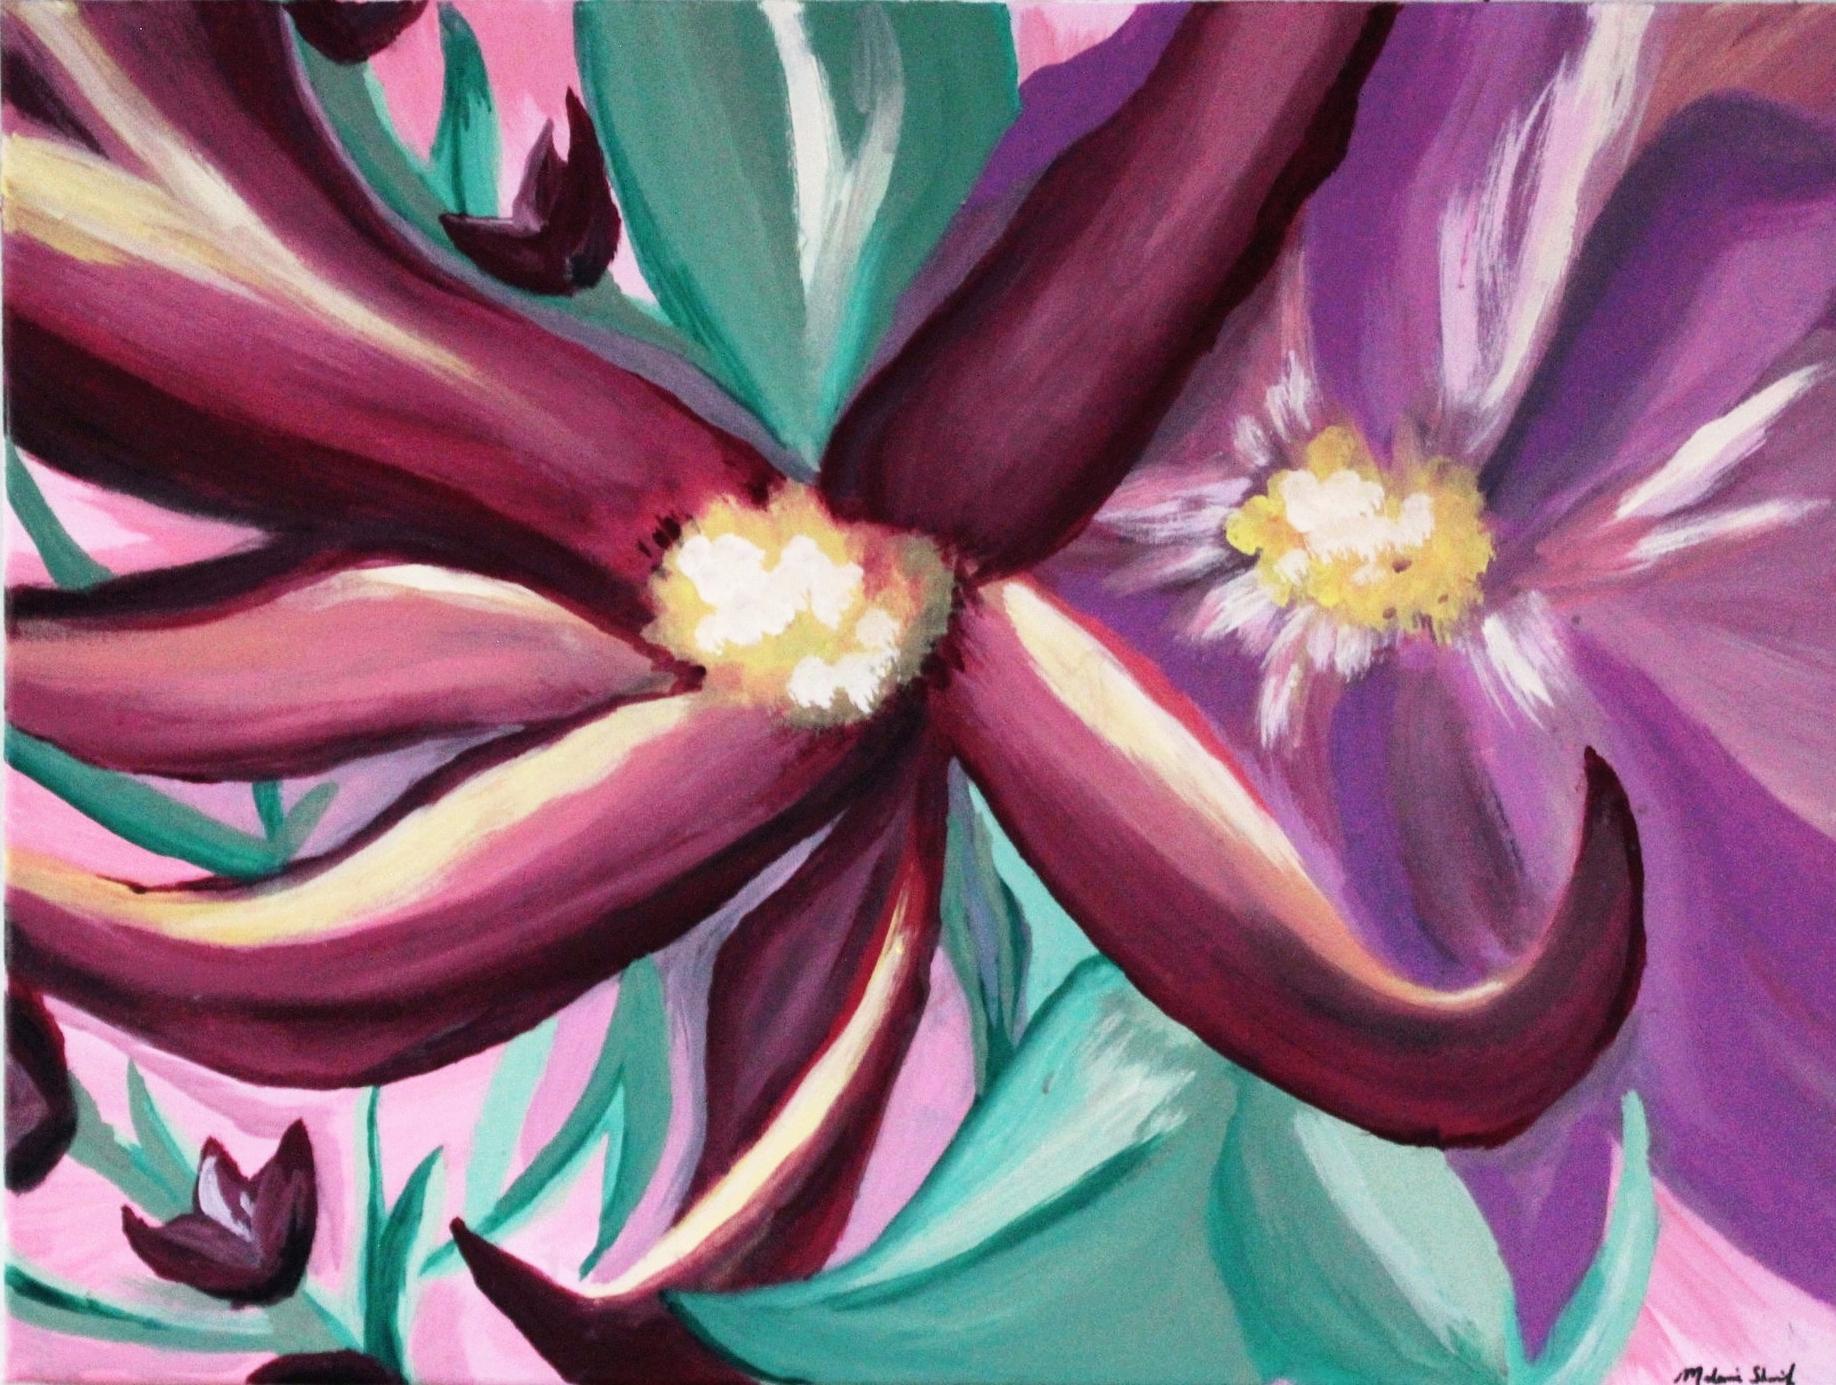 Flower Studies III (For Mom)